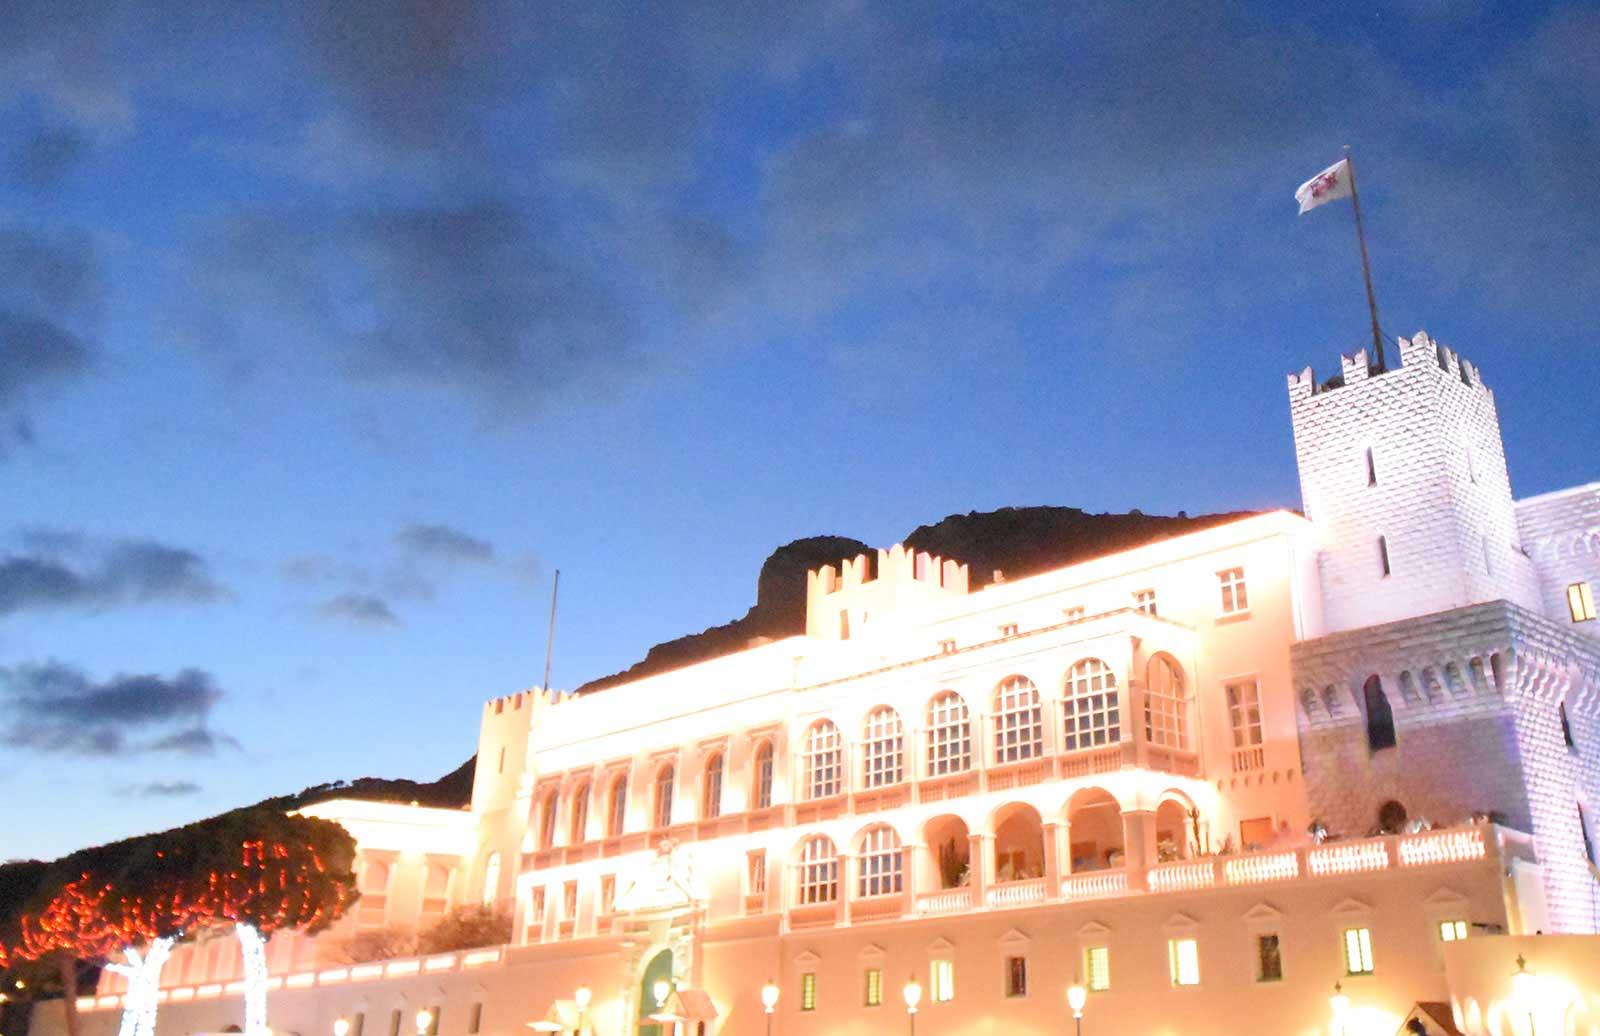 高台の上に聳え立つモナコ宮殿